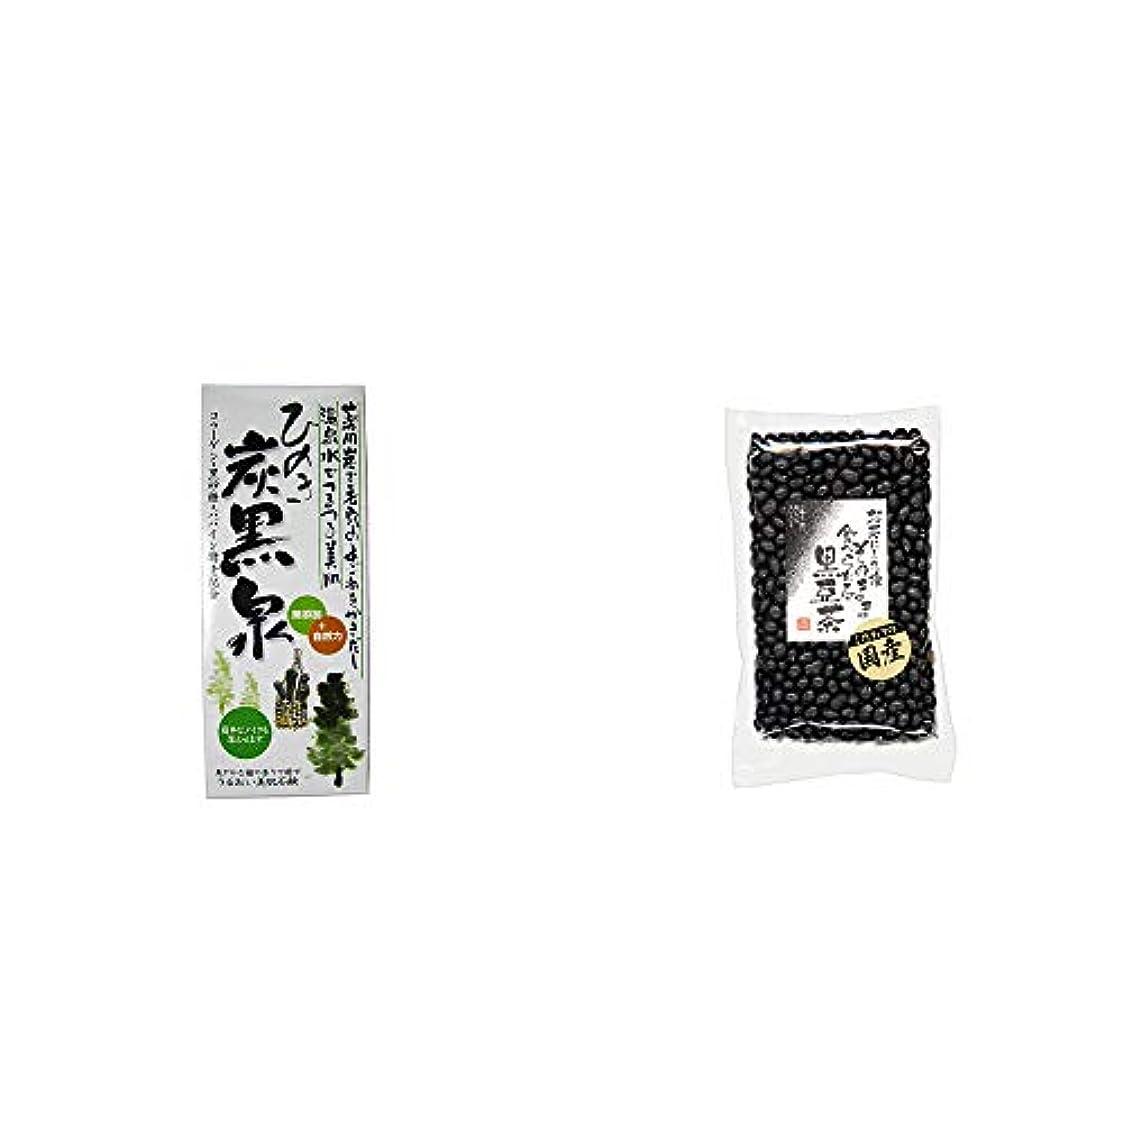 ハング狂った相反する[2点セット] ひのき炭黒泉 箱入り(75g×3)?国産 黒豆茶(200g)